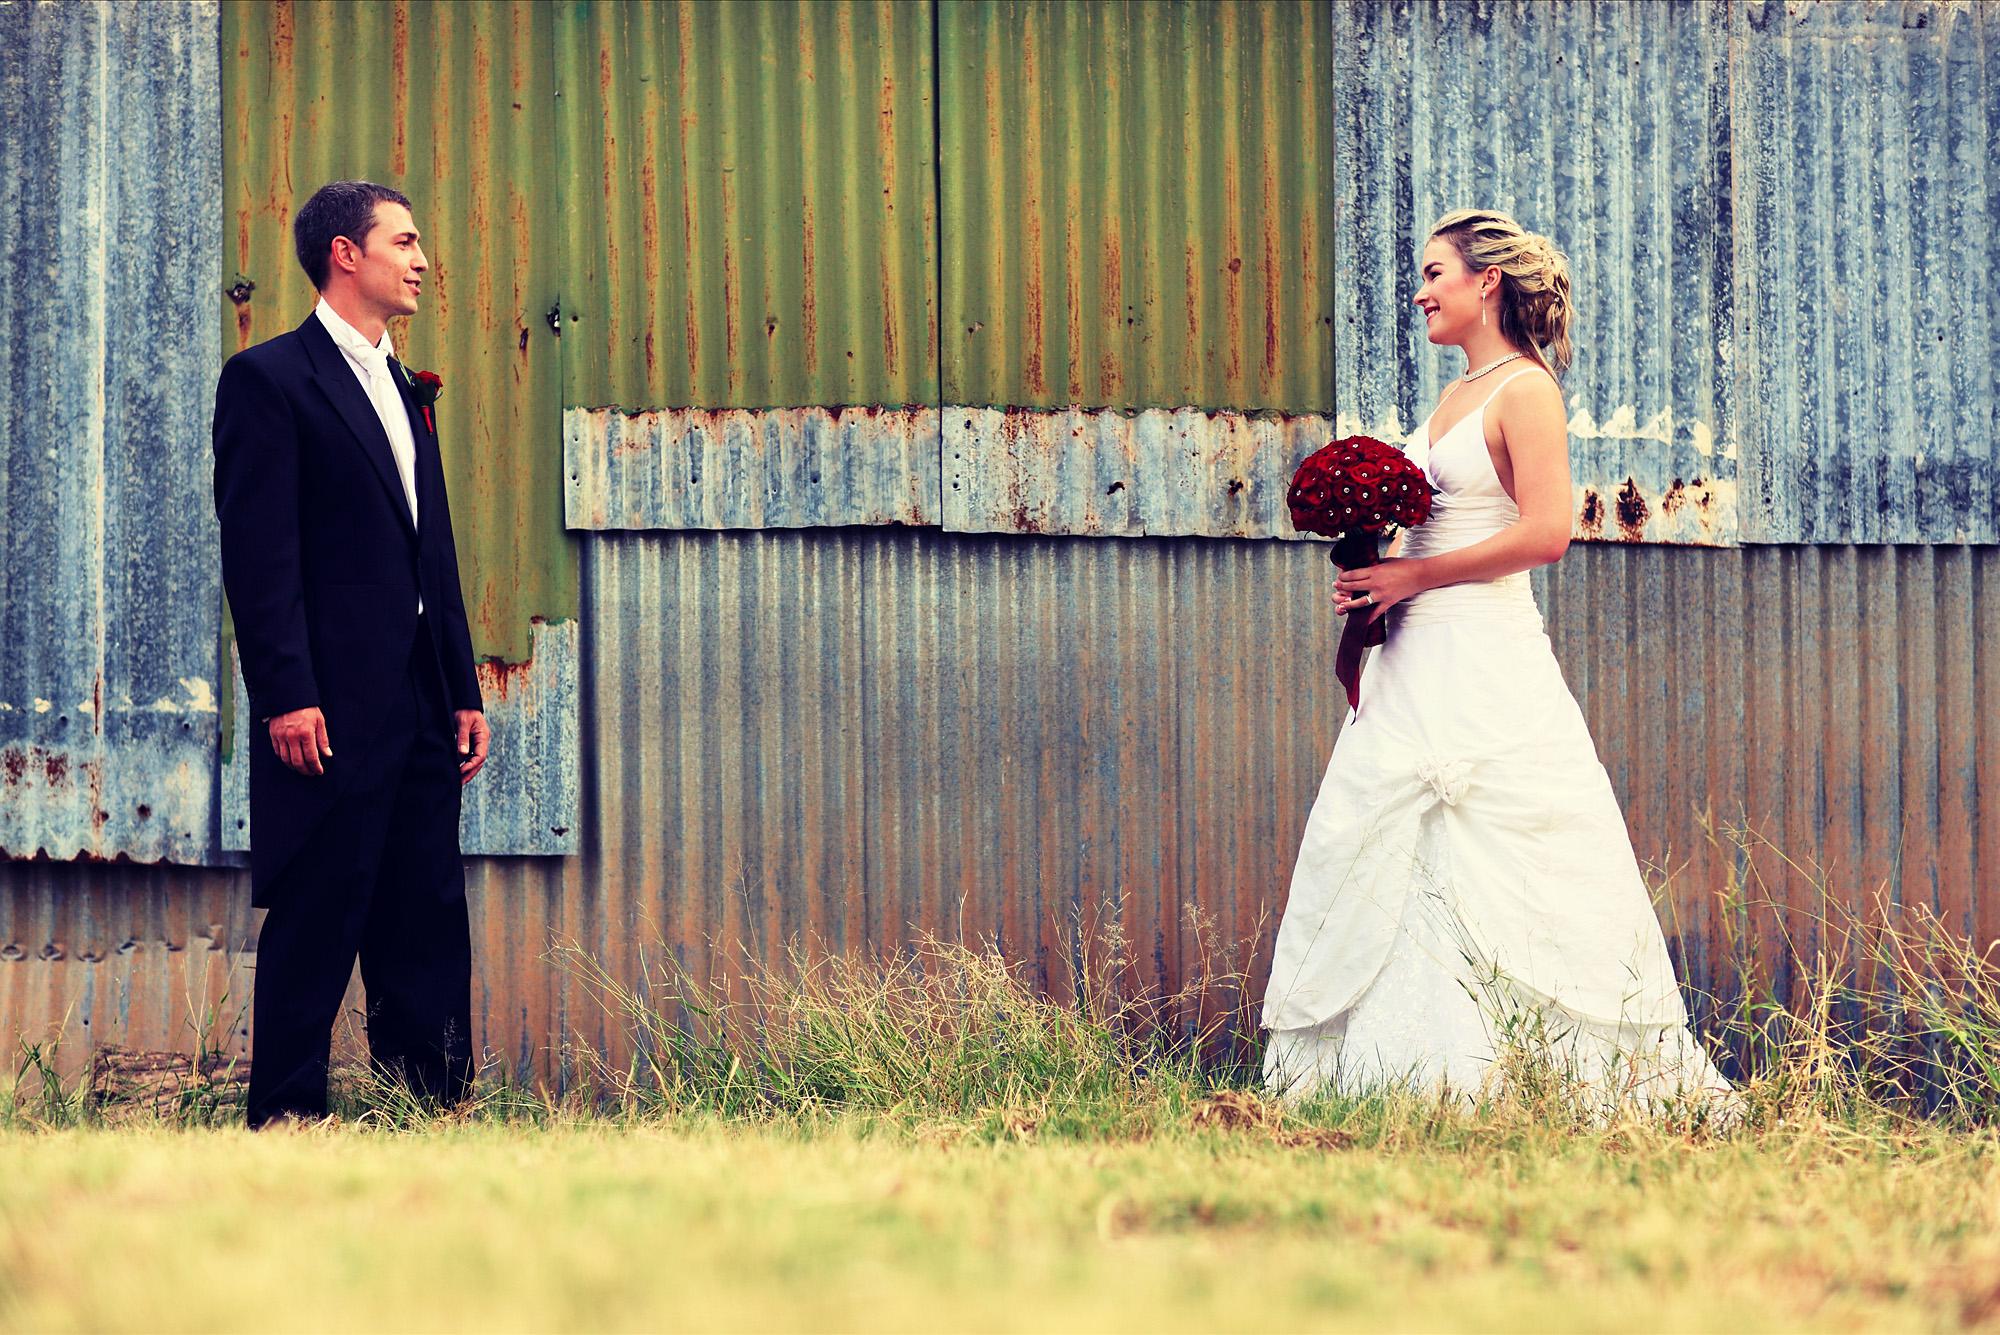 Newlywed photograph